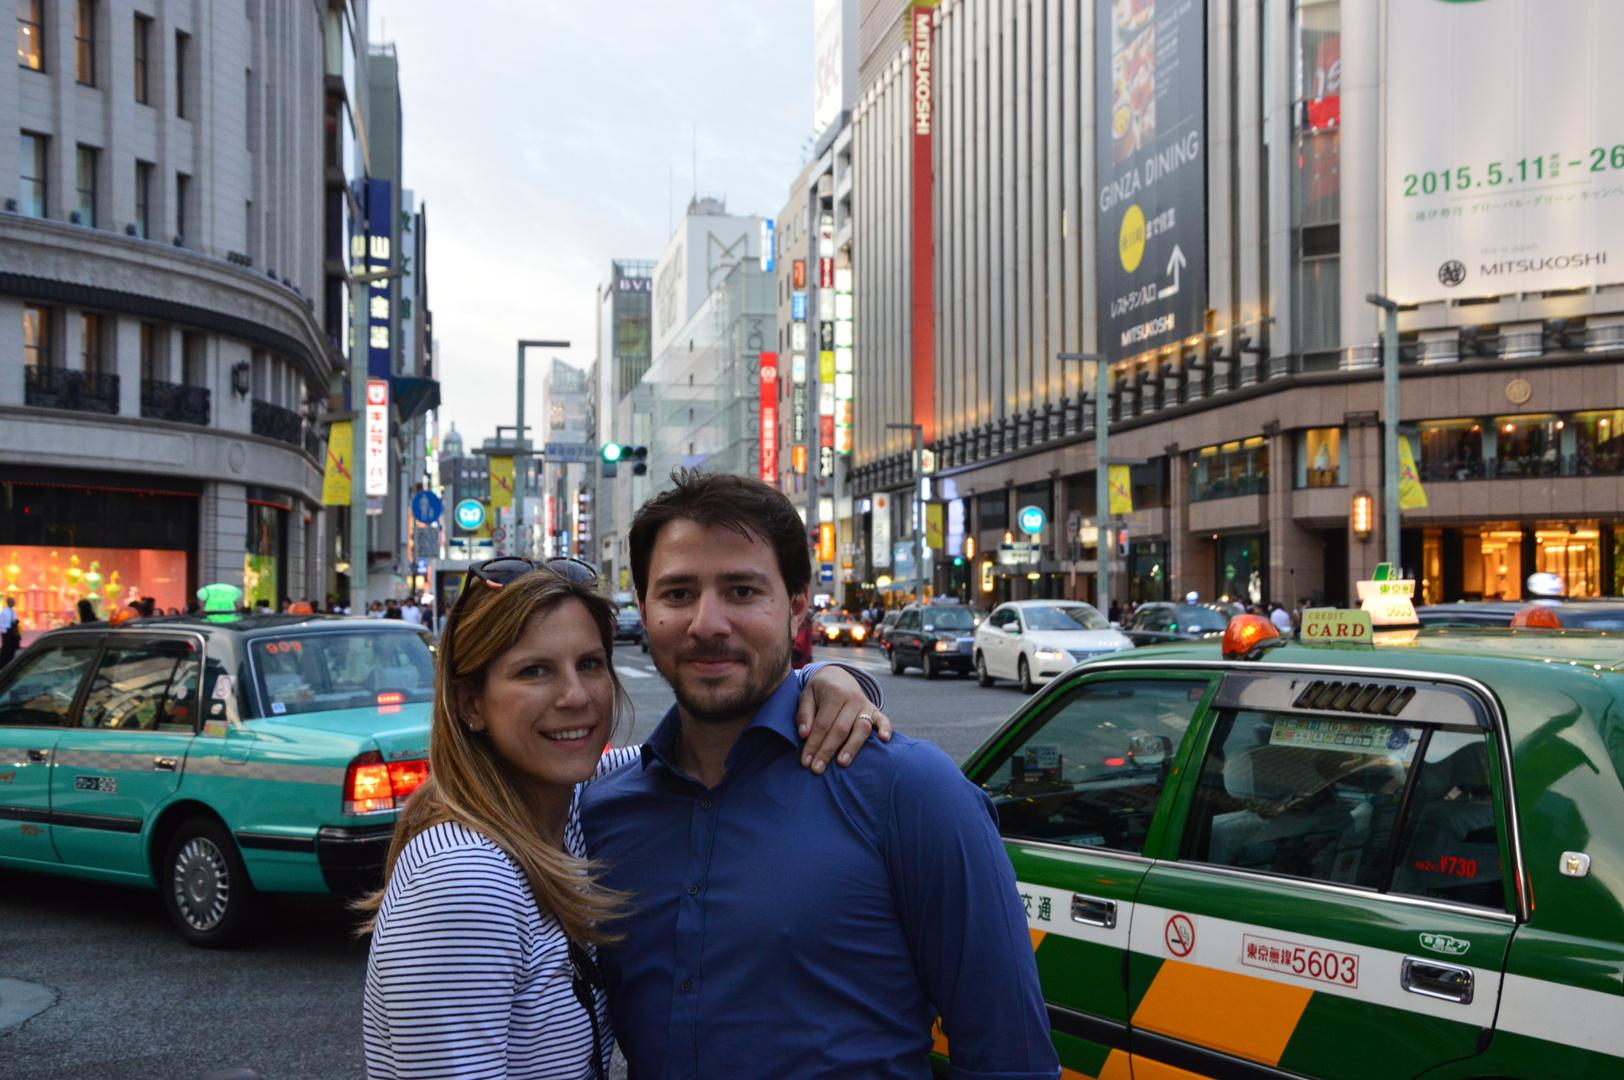 primo viaggio in Giappone: tra i negozi e le strade animate di Ginza